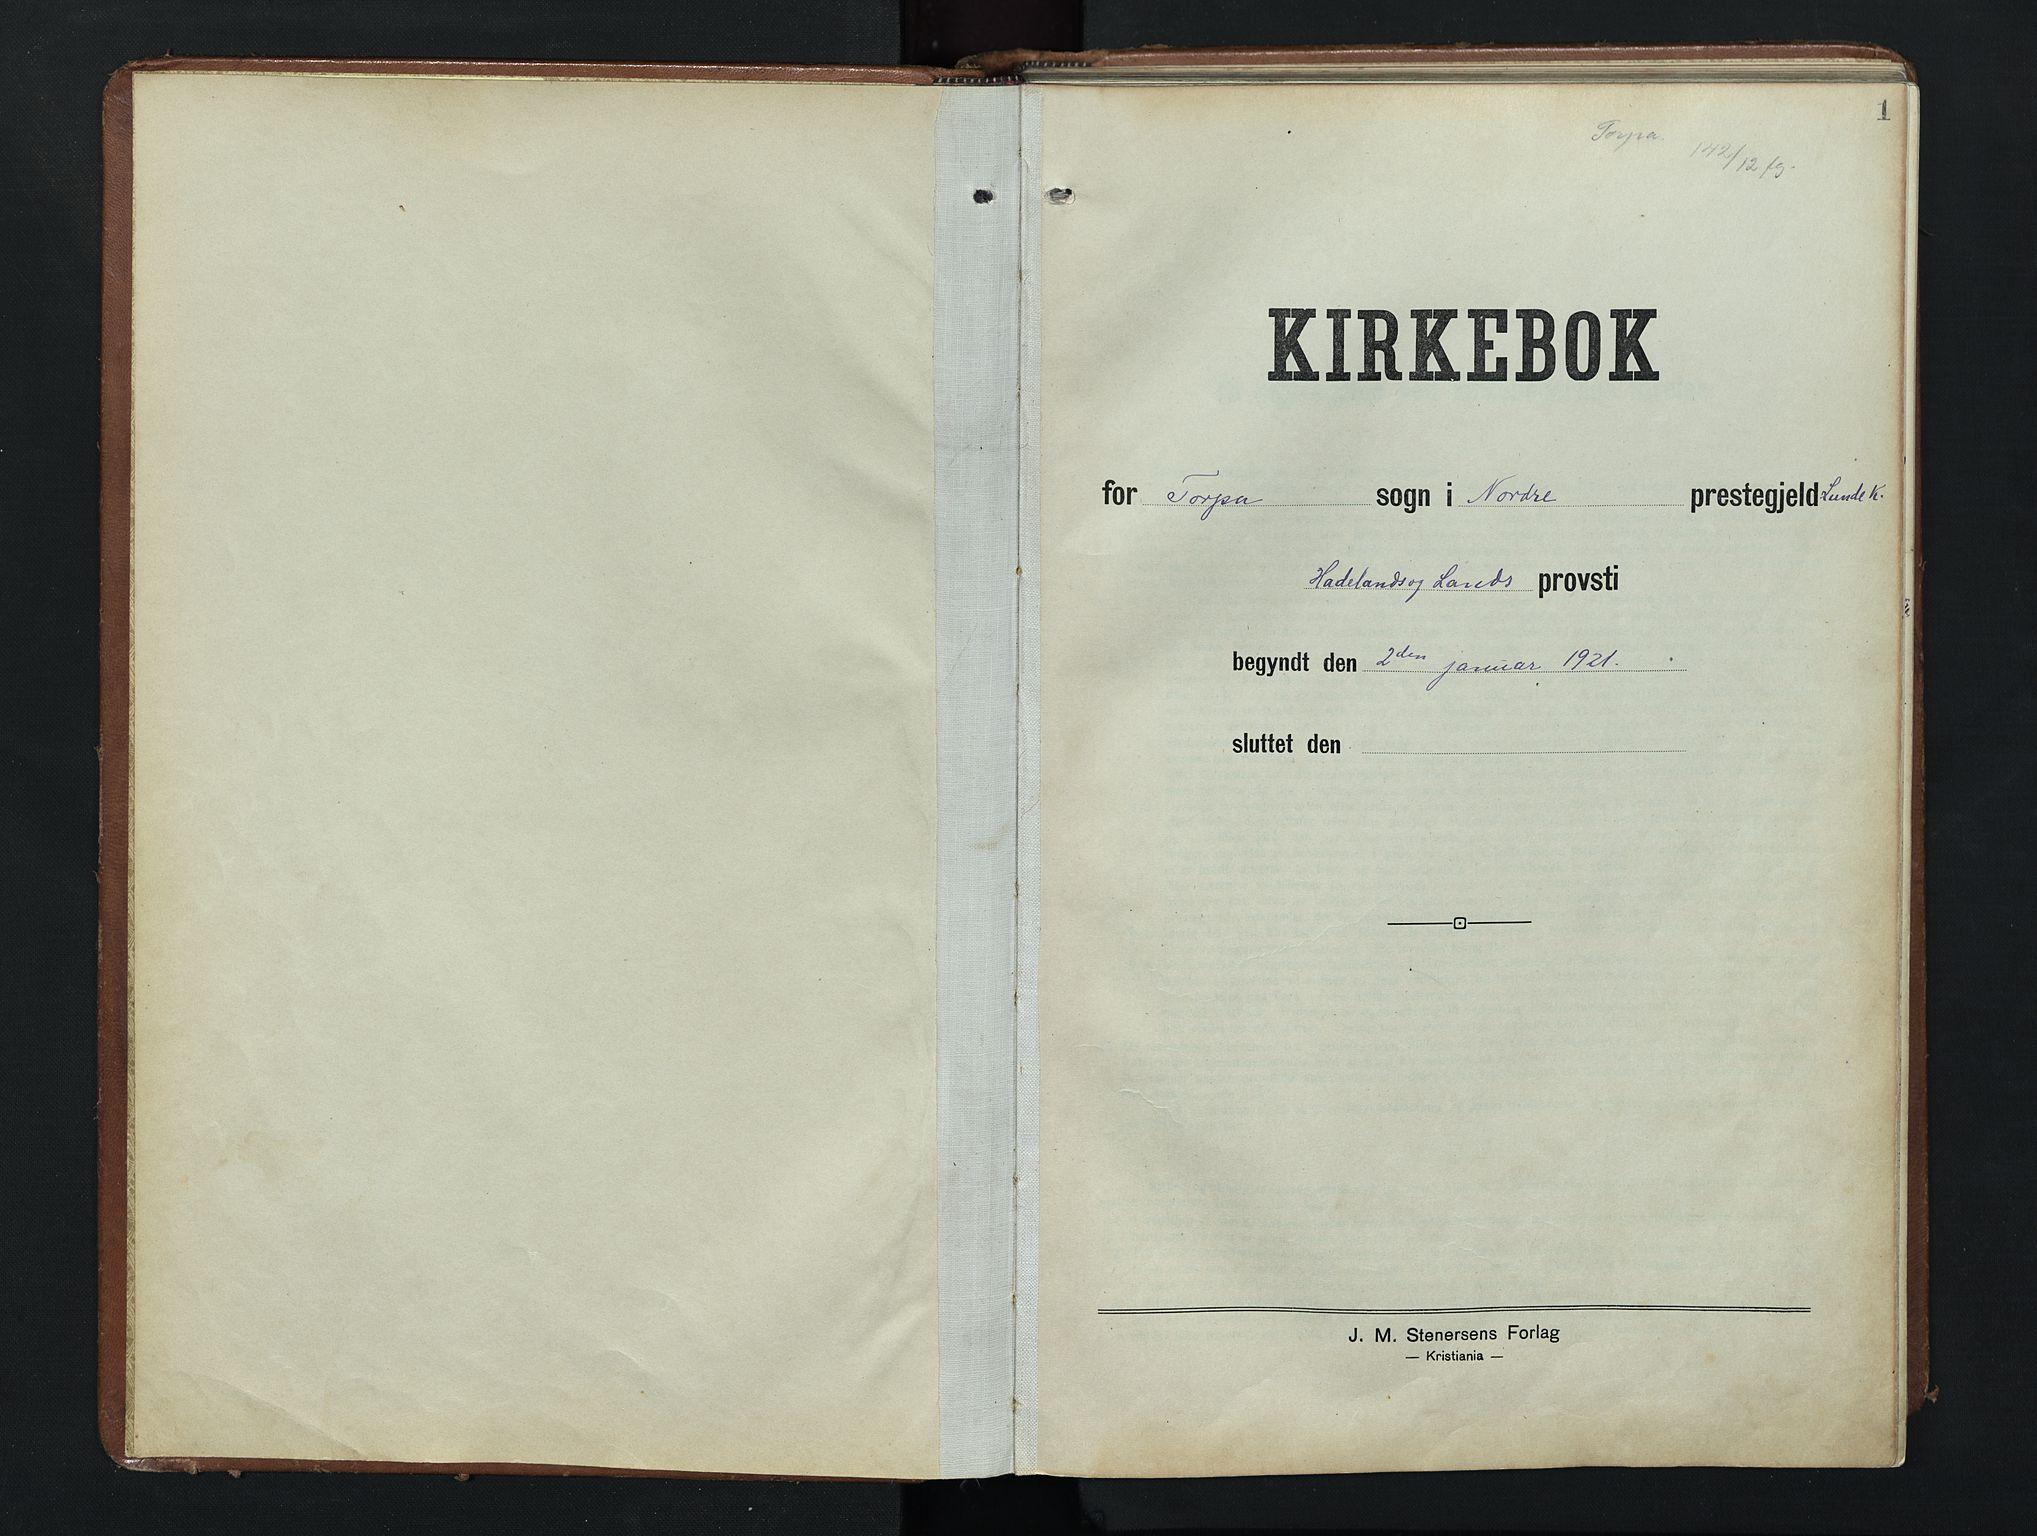 SAH, Nordre Land prestekontor, Klokkerbok nr. 9, 1921-1956, s. 1